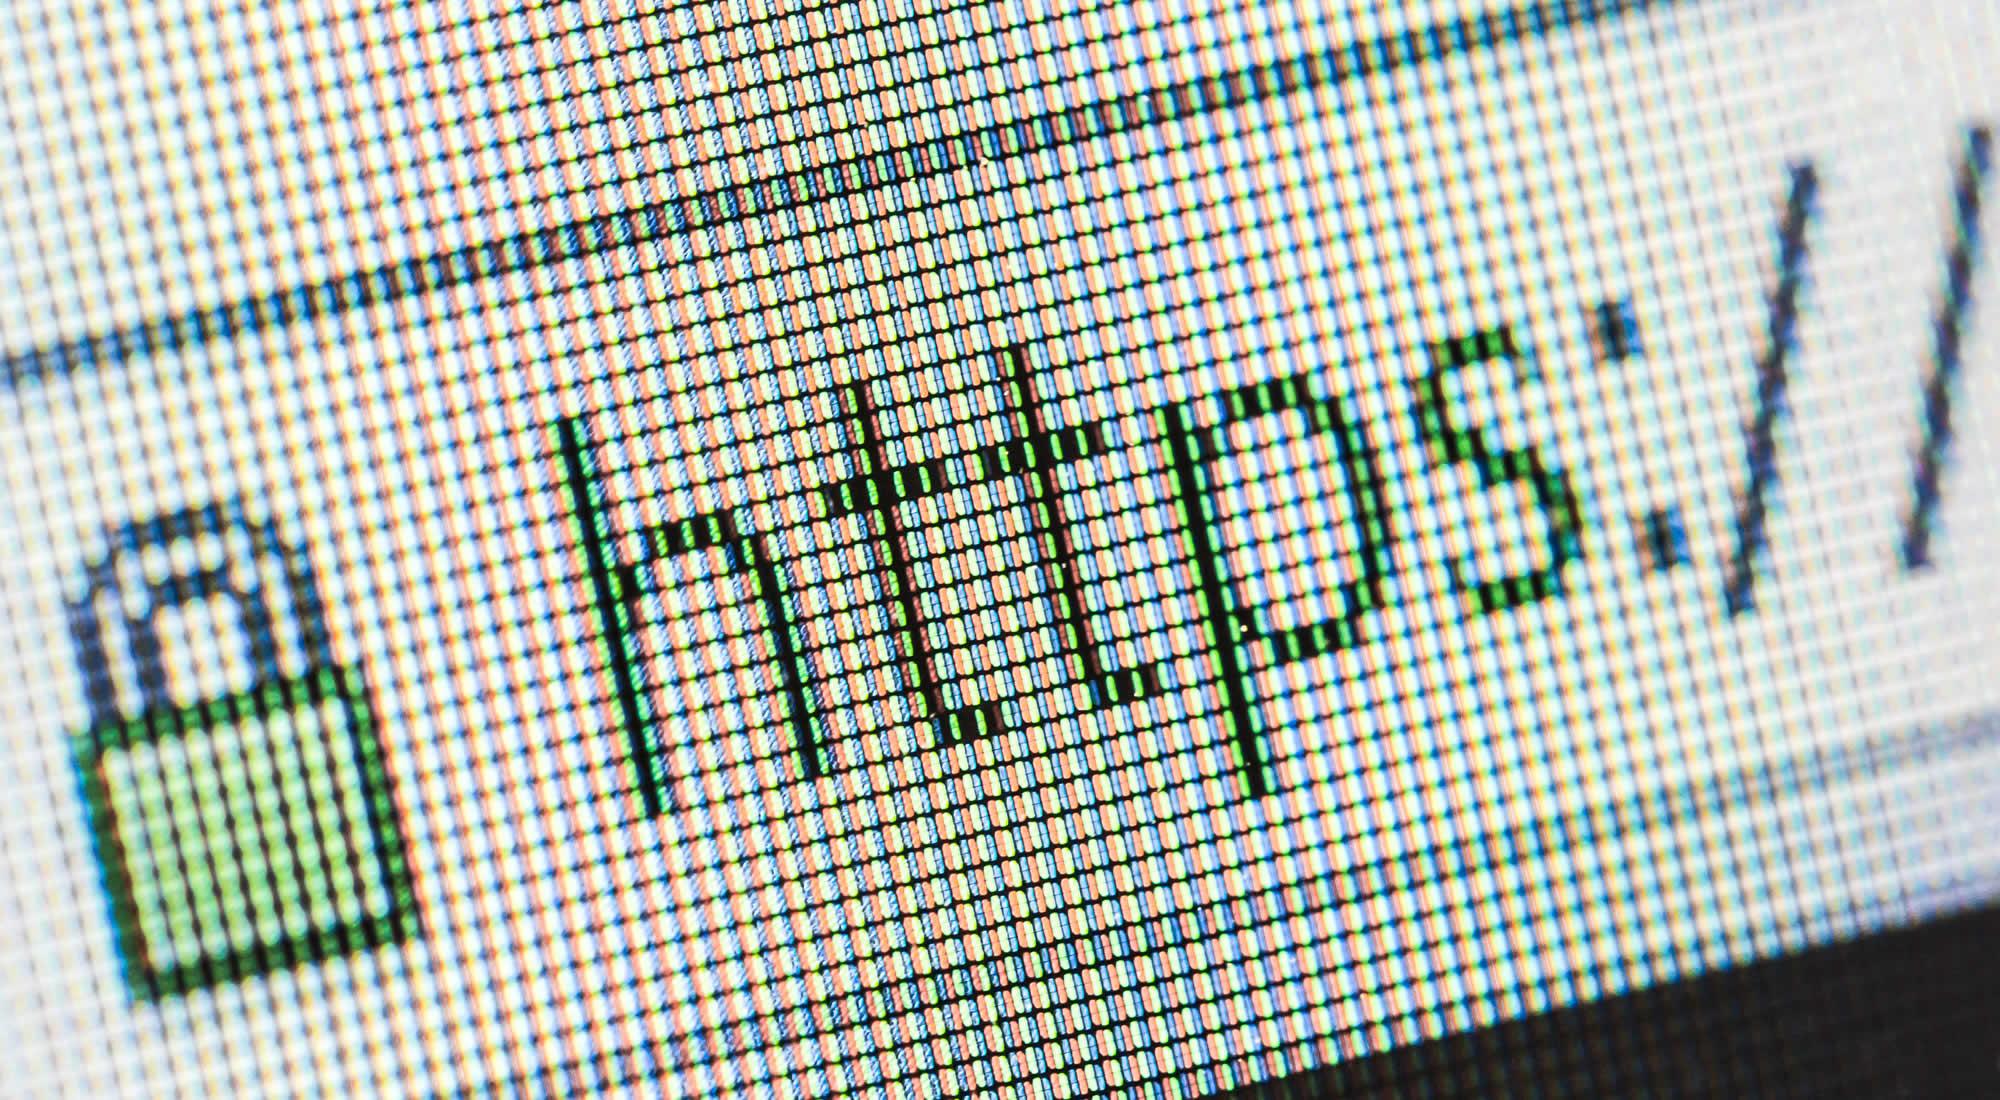 LSSI-CE – Ley de Servicios de la Sociedad de la Información y Comercio Electrónico